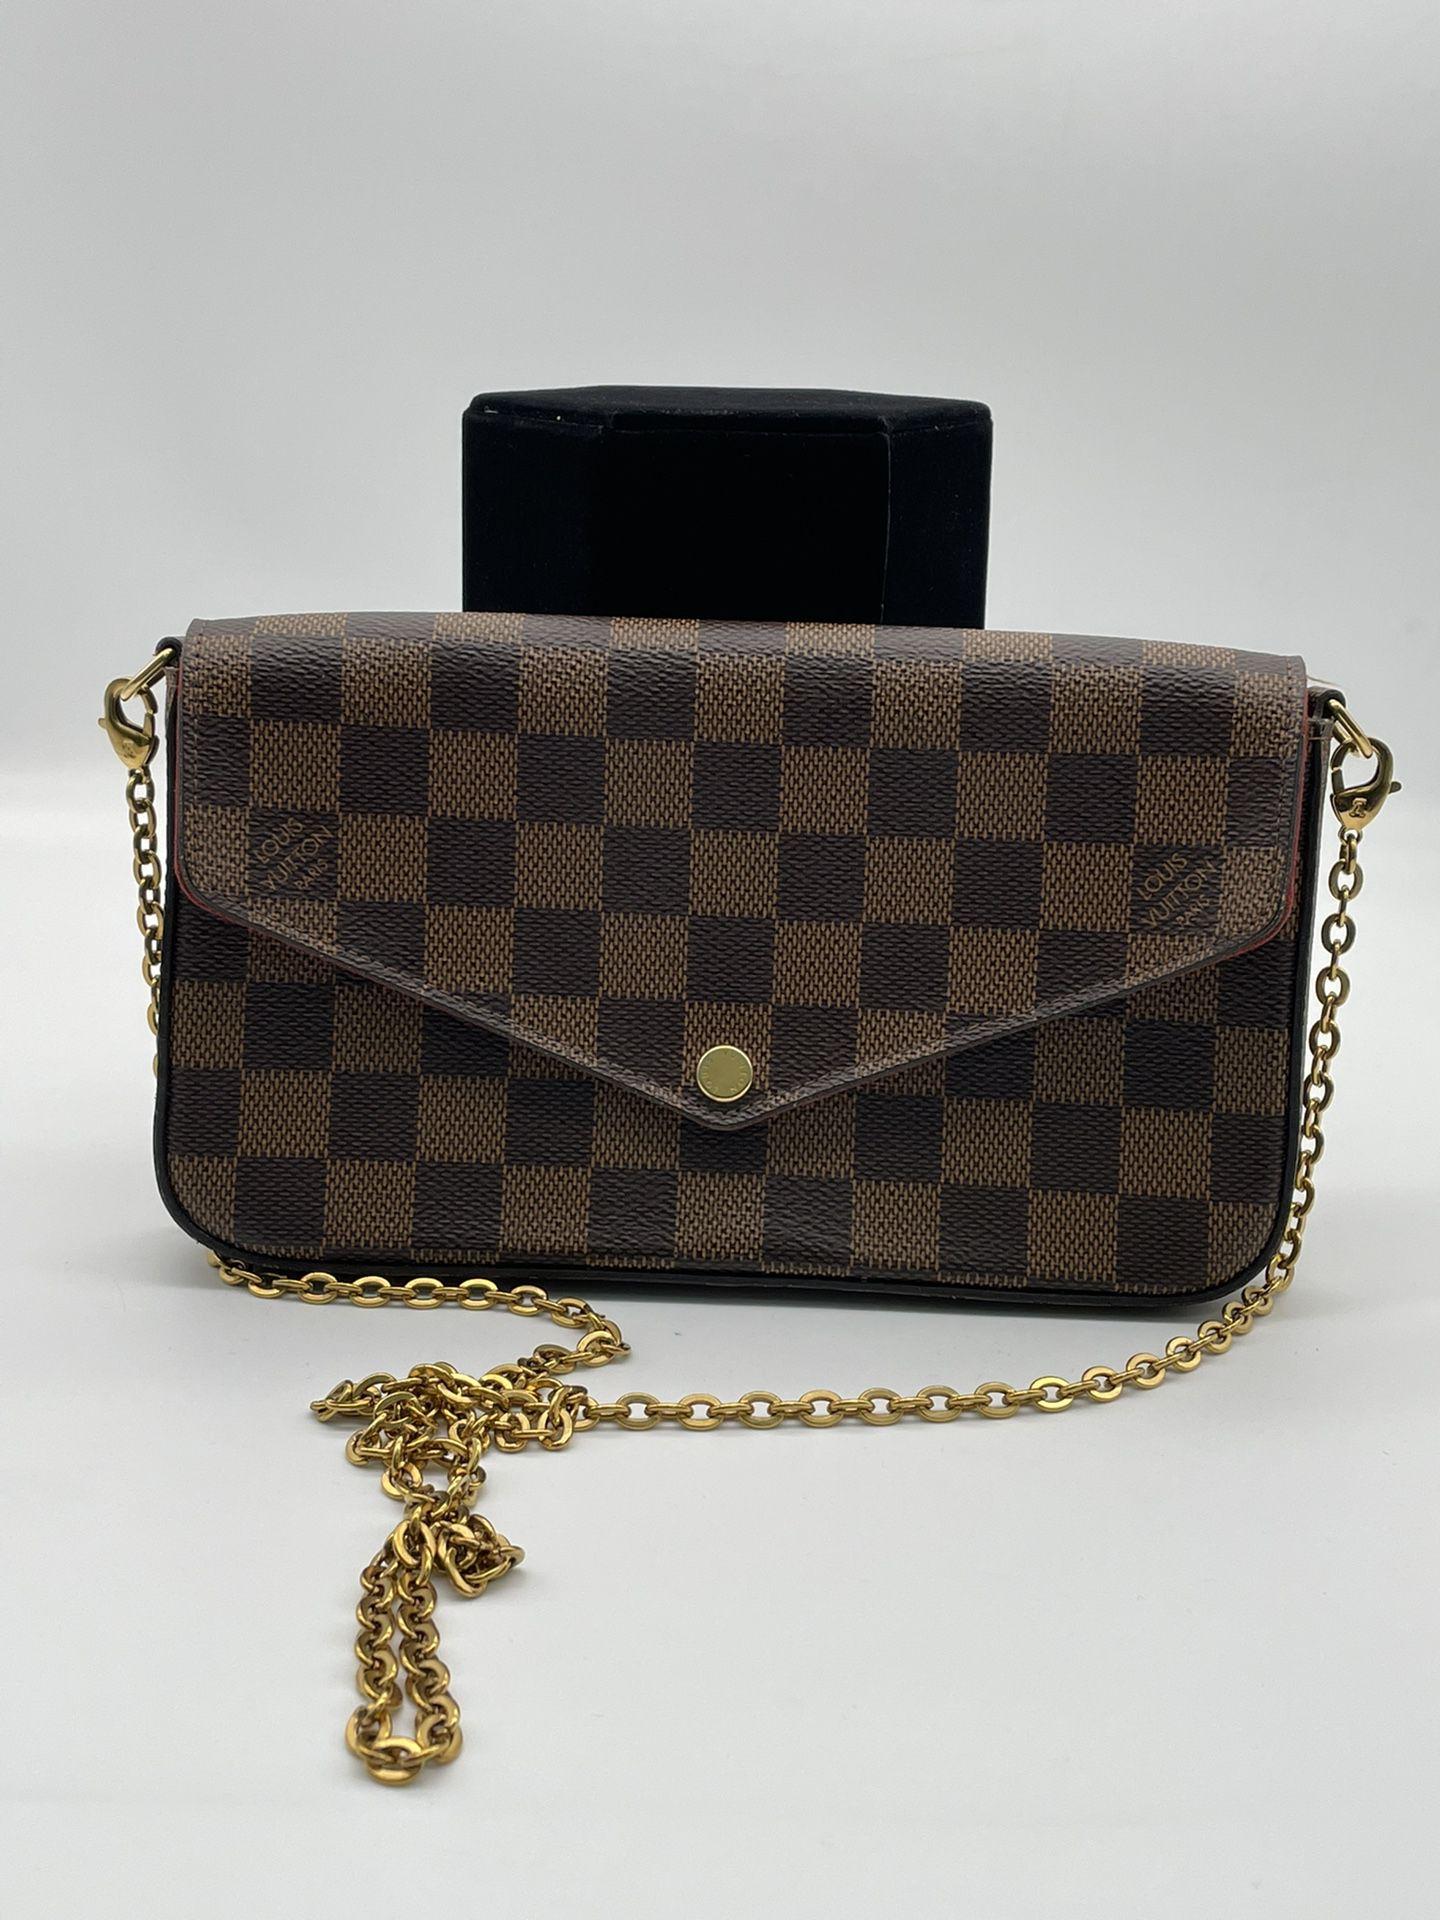 LOUIS VUITTON Monogram Pochette Felicie Chain Wallet Red